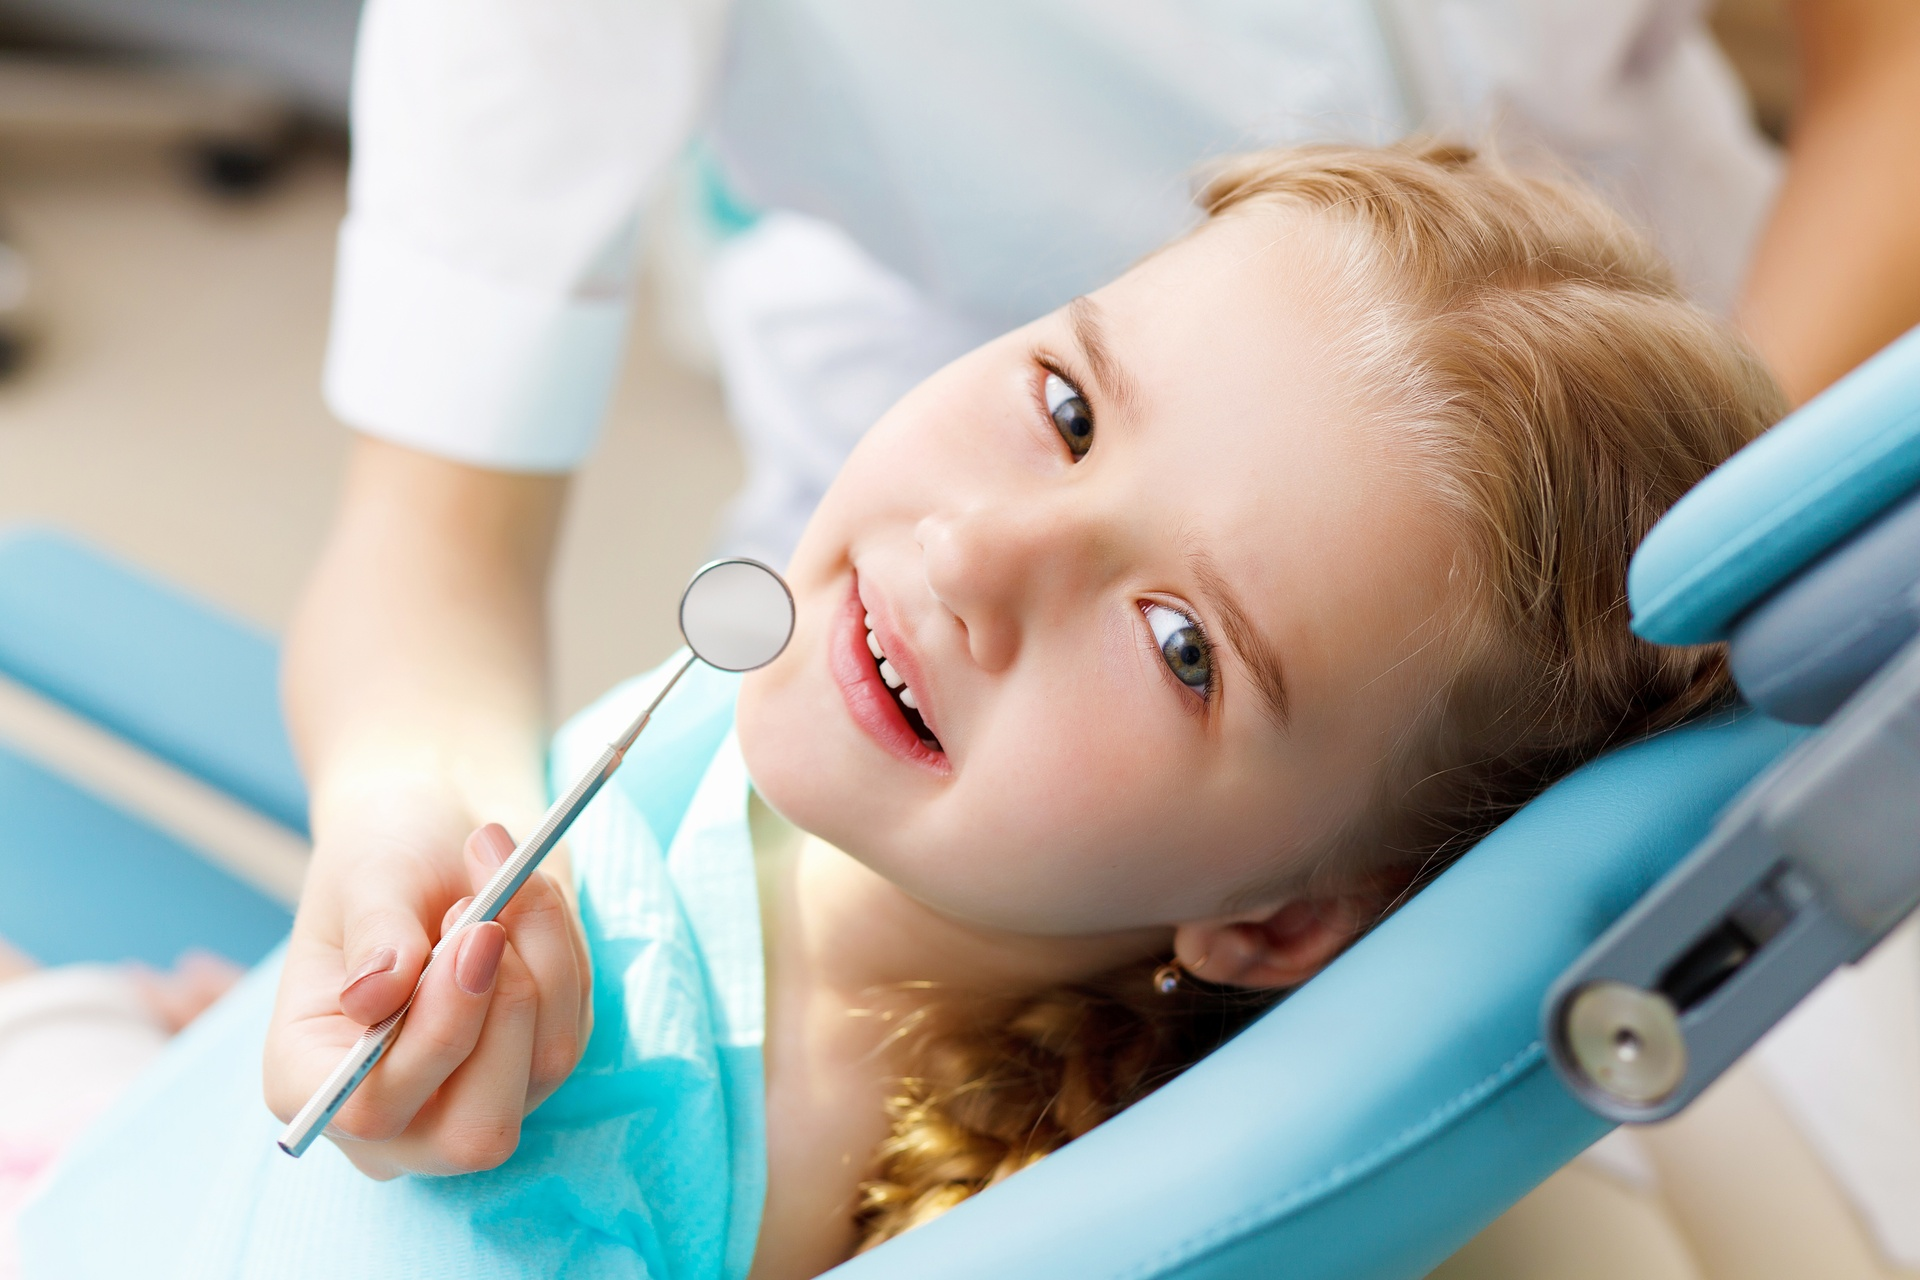 مطلوب الان طبيبة اسنان وأخصائية تجميل في الخليج فوراً